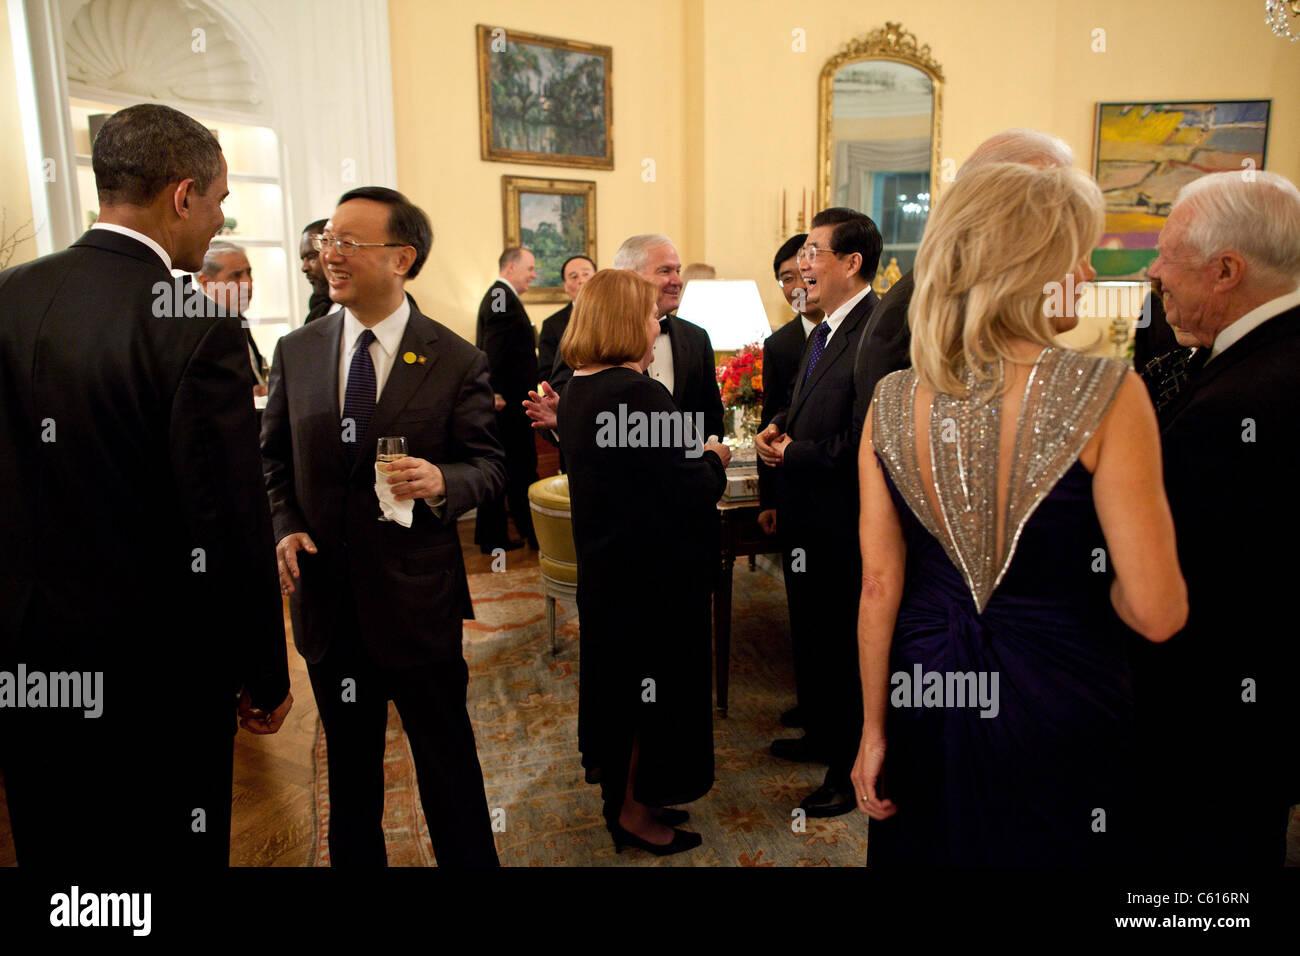 Präsident Obama und der chinesische Präsident Hu Jintao mit Gästen im Weißen Haus vor dem Abendessen Stockbild